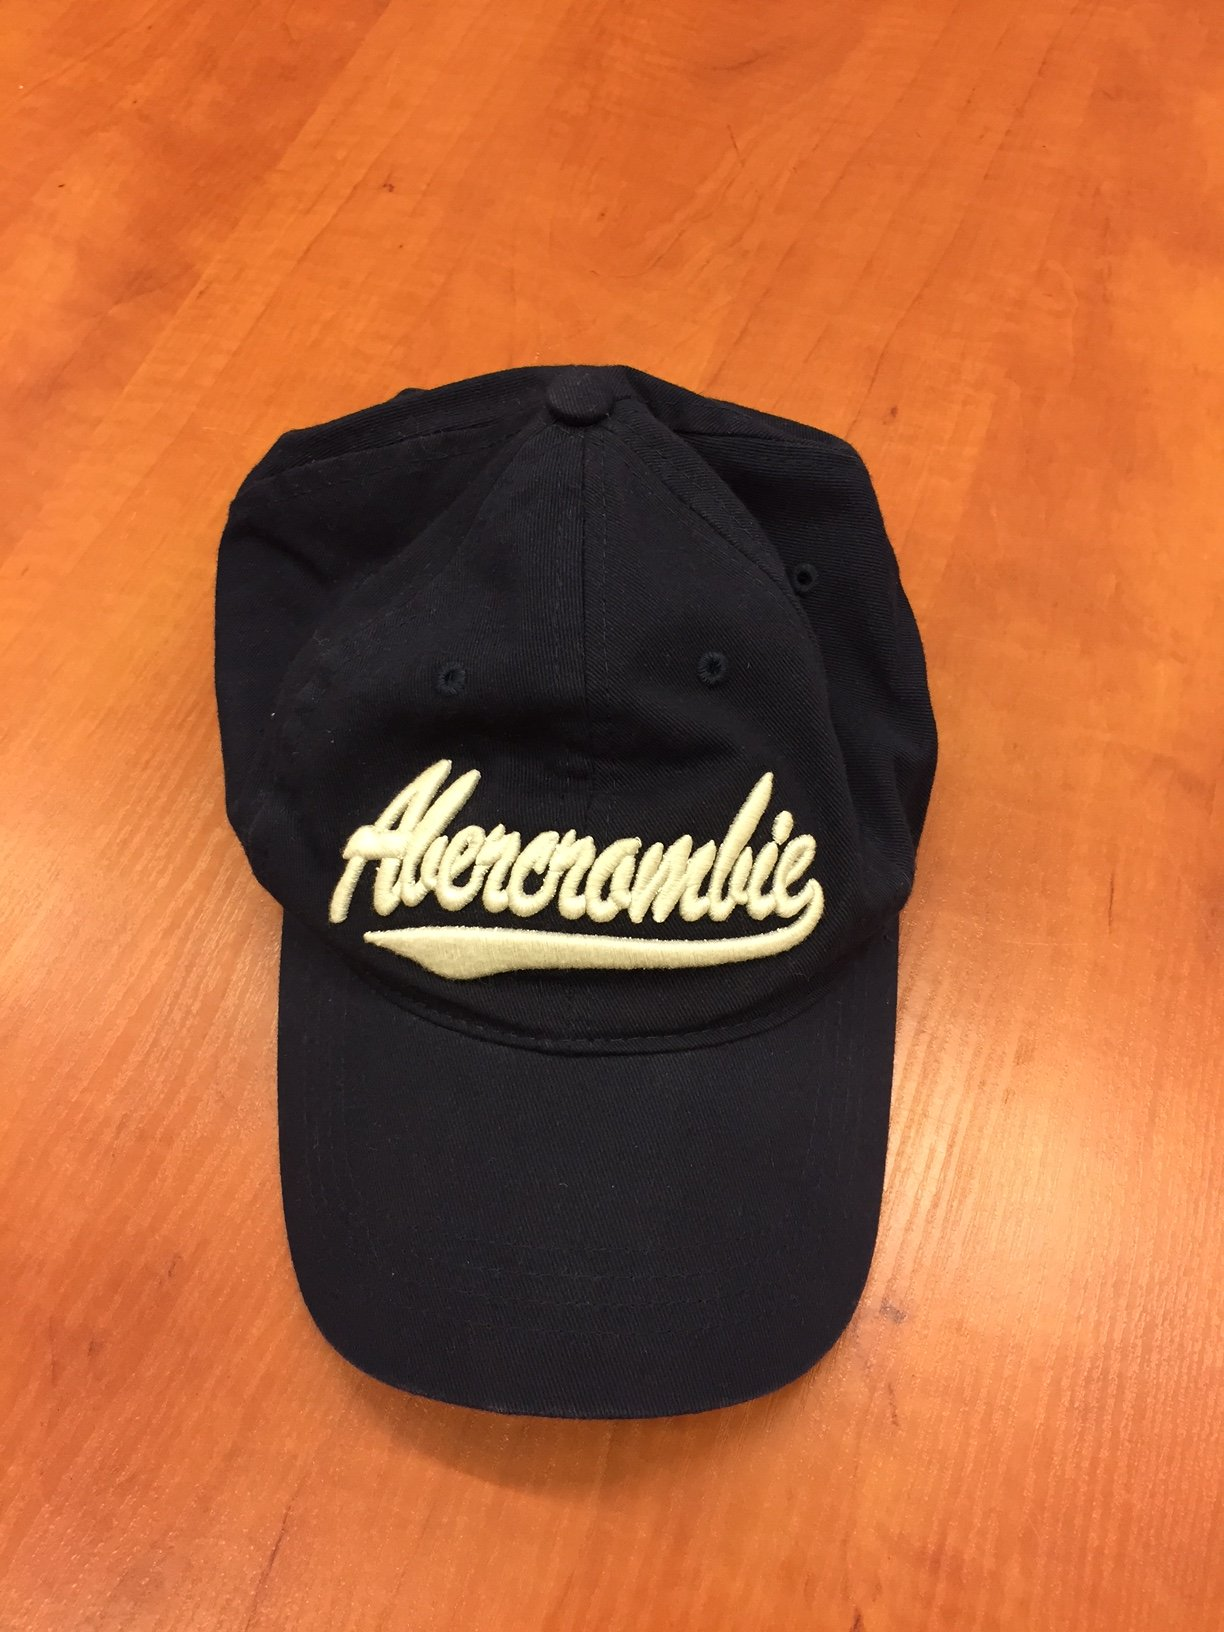 abercrambie czapka